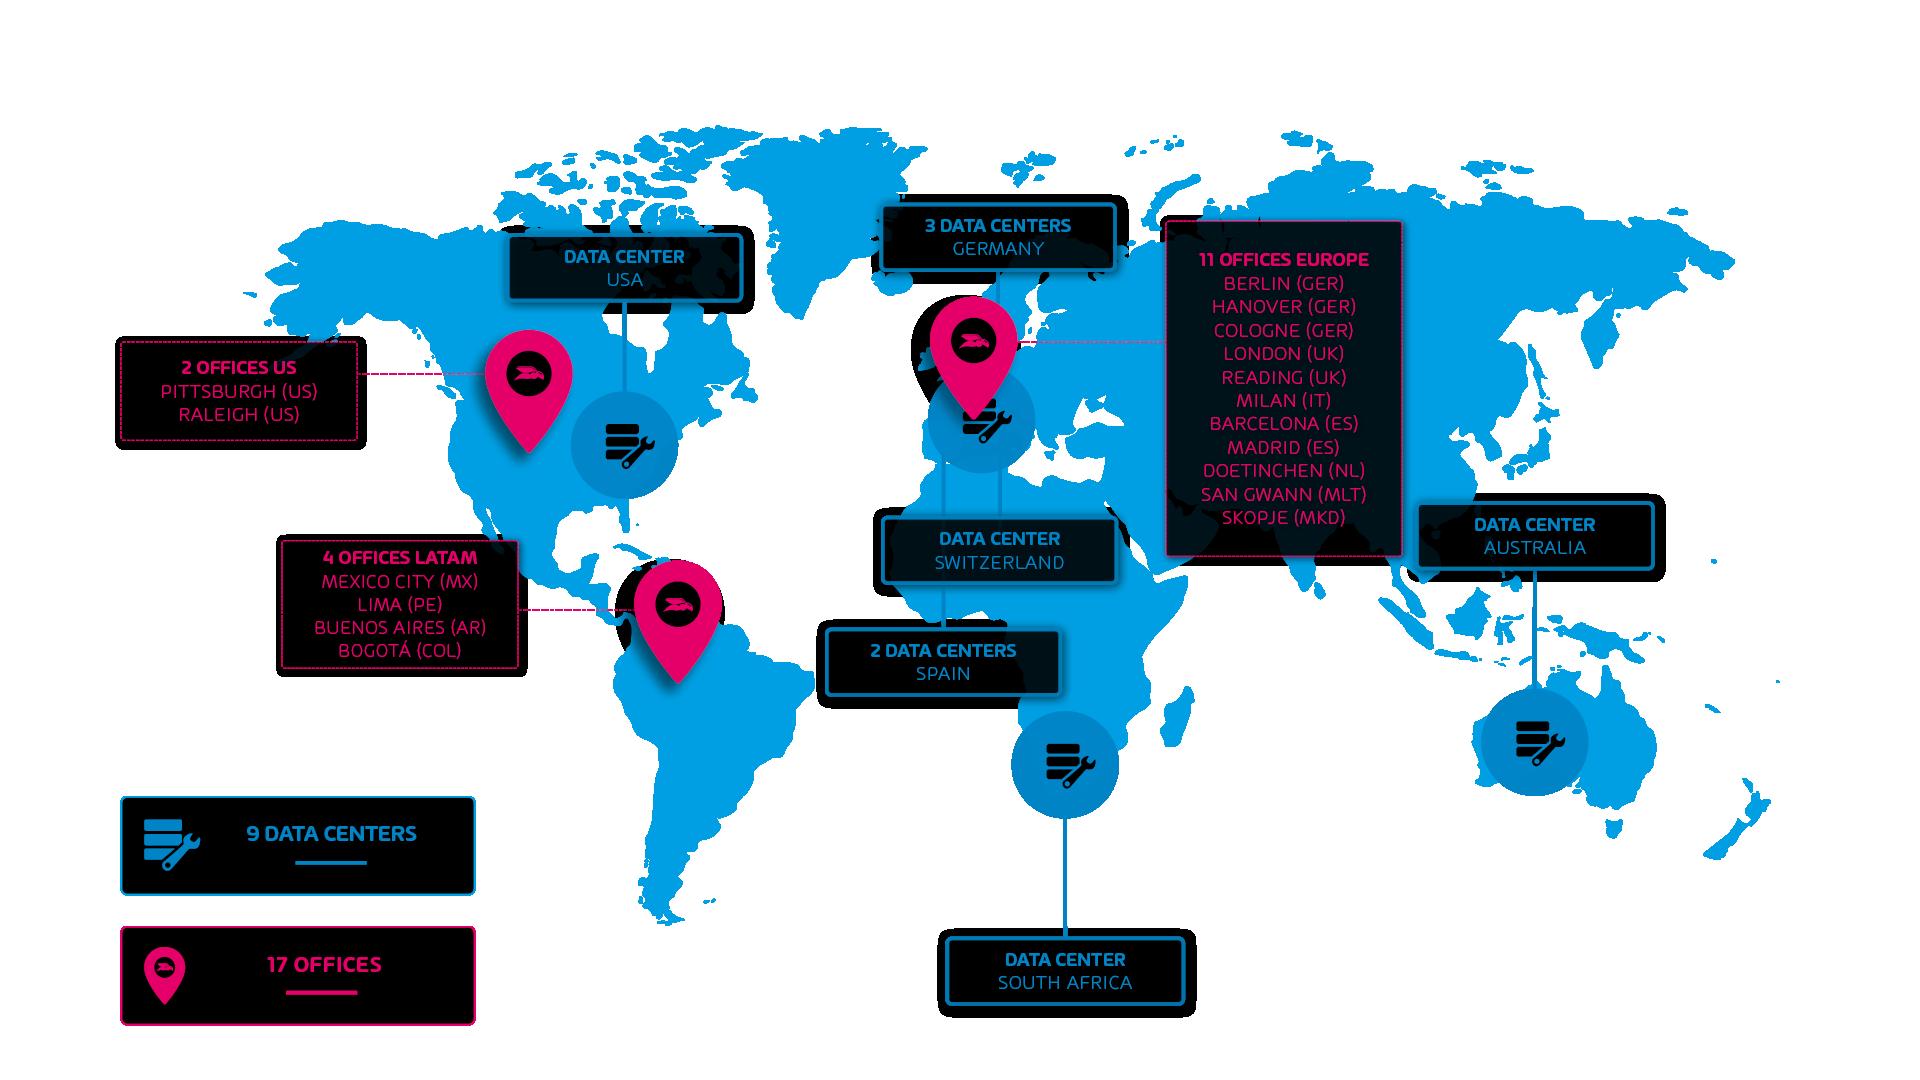 Wereldkaart - Hornetsecurity kantoren en datacenters